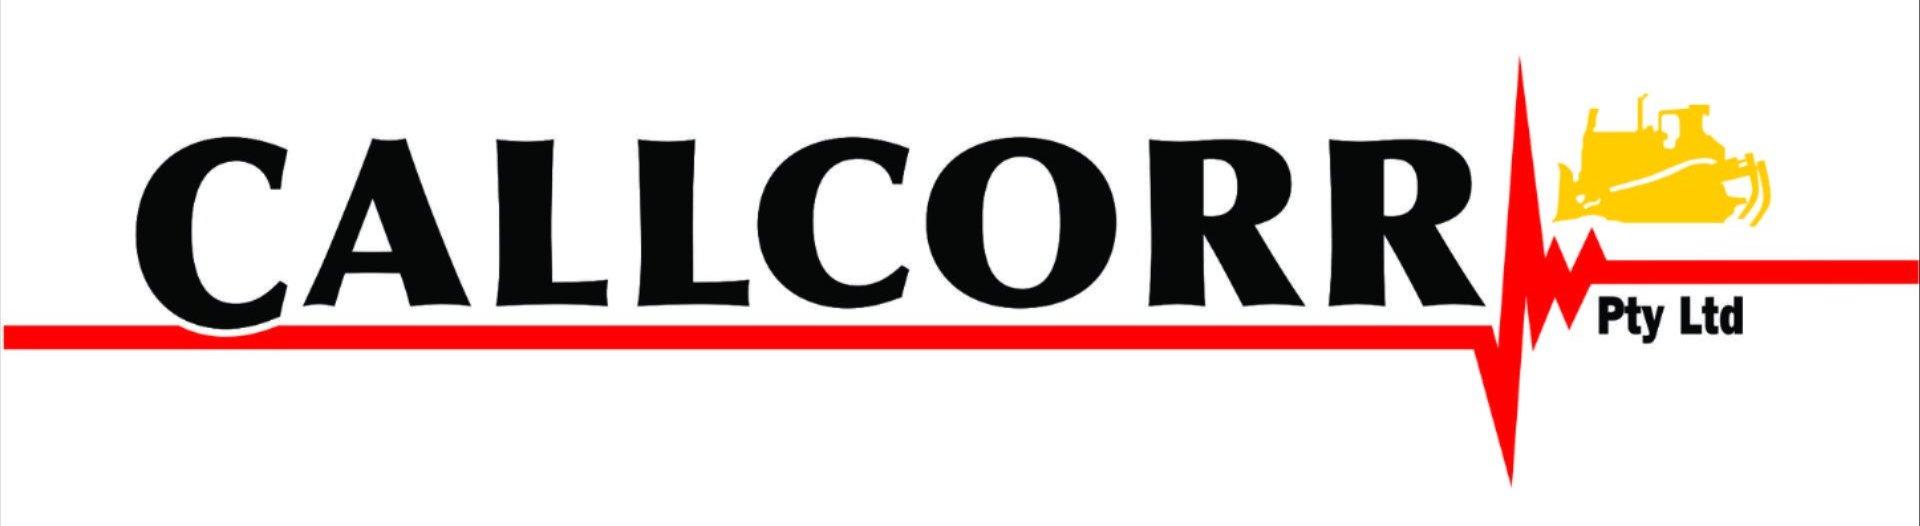 Callcorr